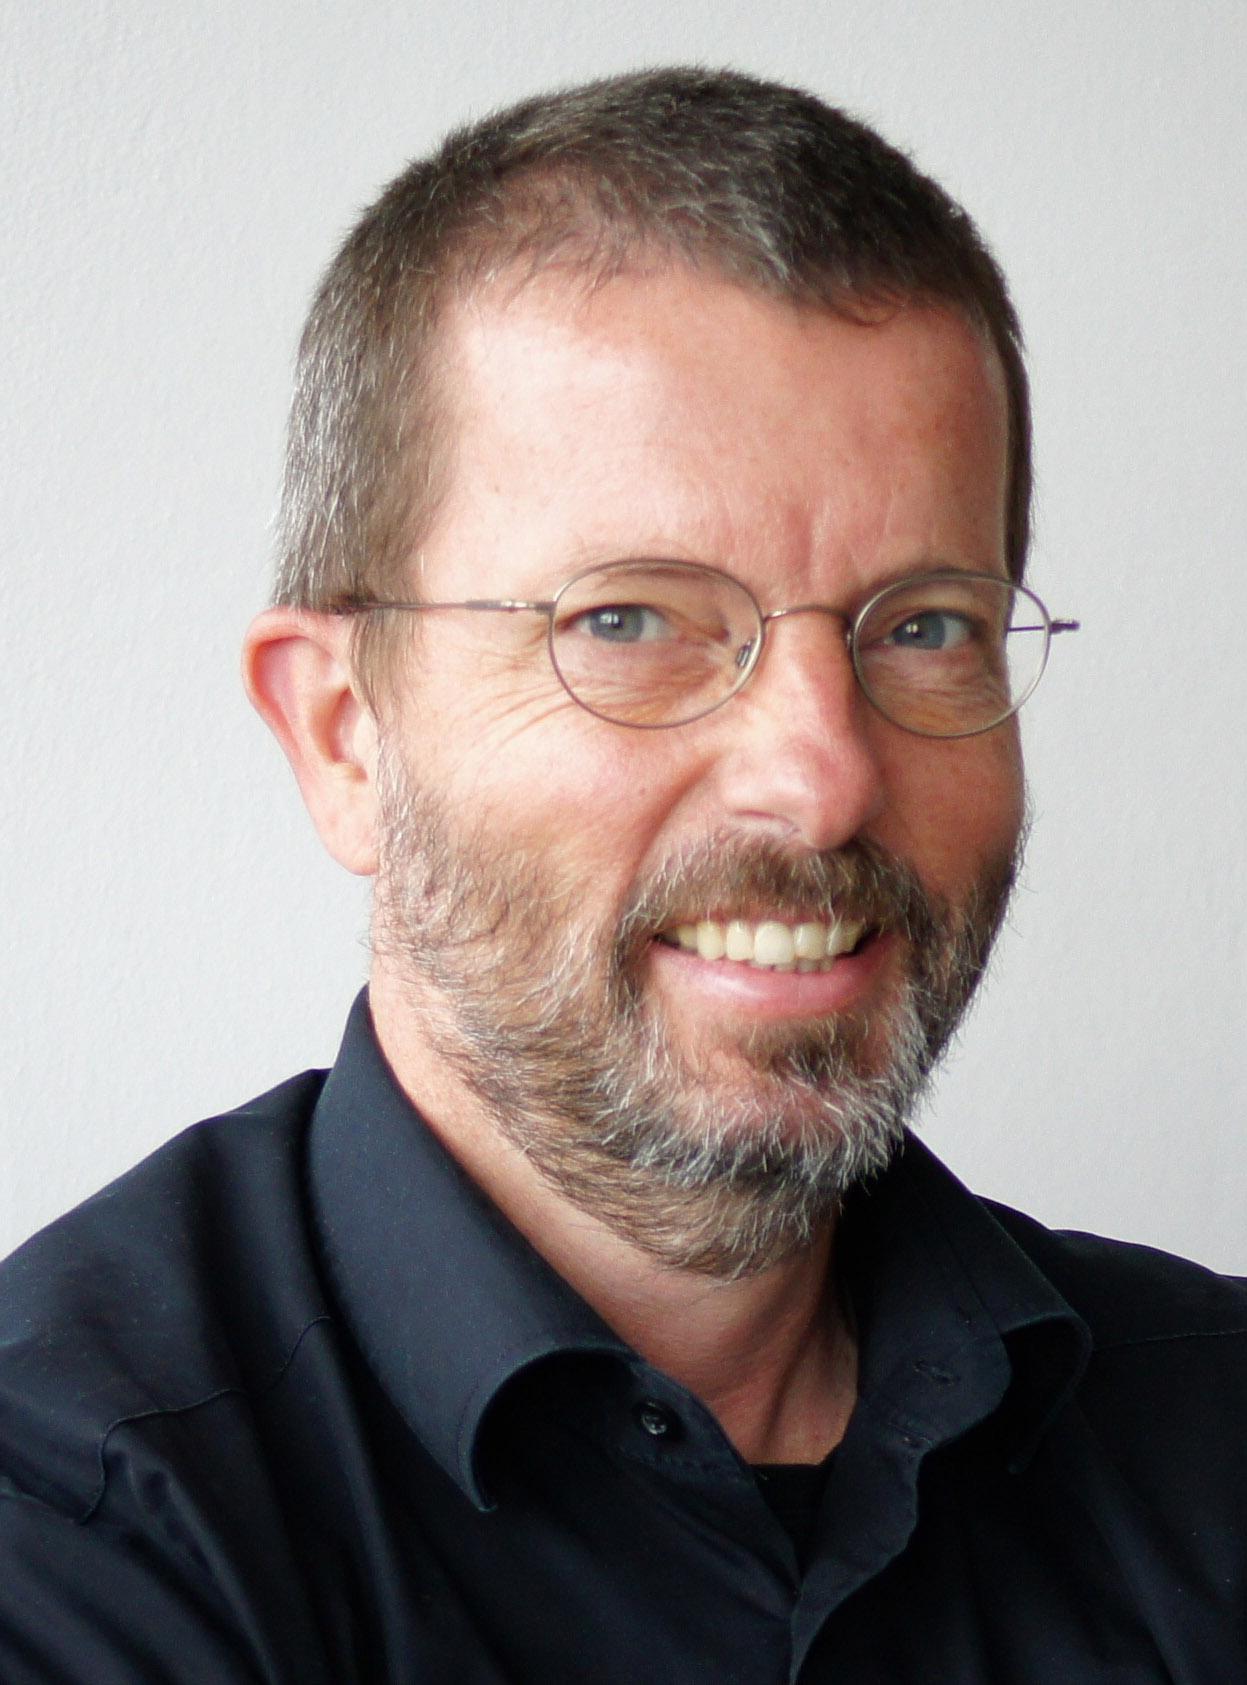 Prof. Dr. med. Robert Rieben, DBMR, Universität Bern. Bild: zvg